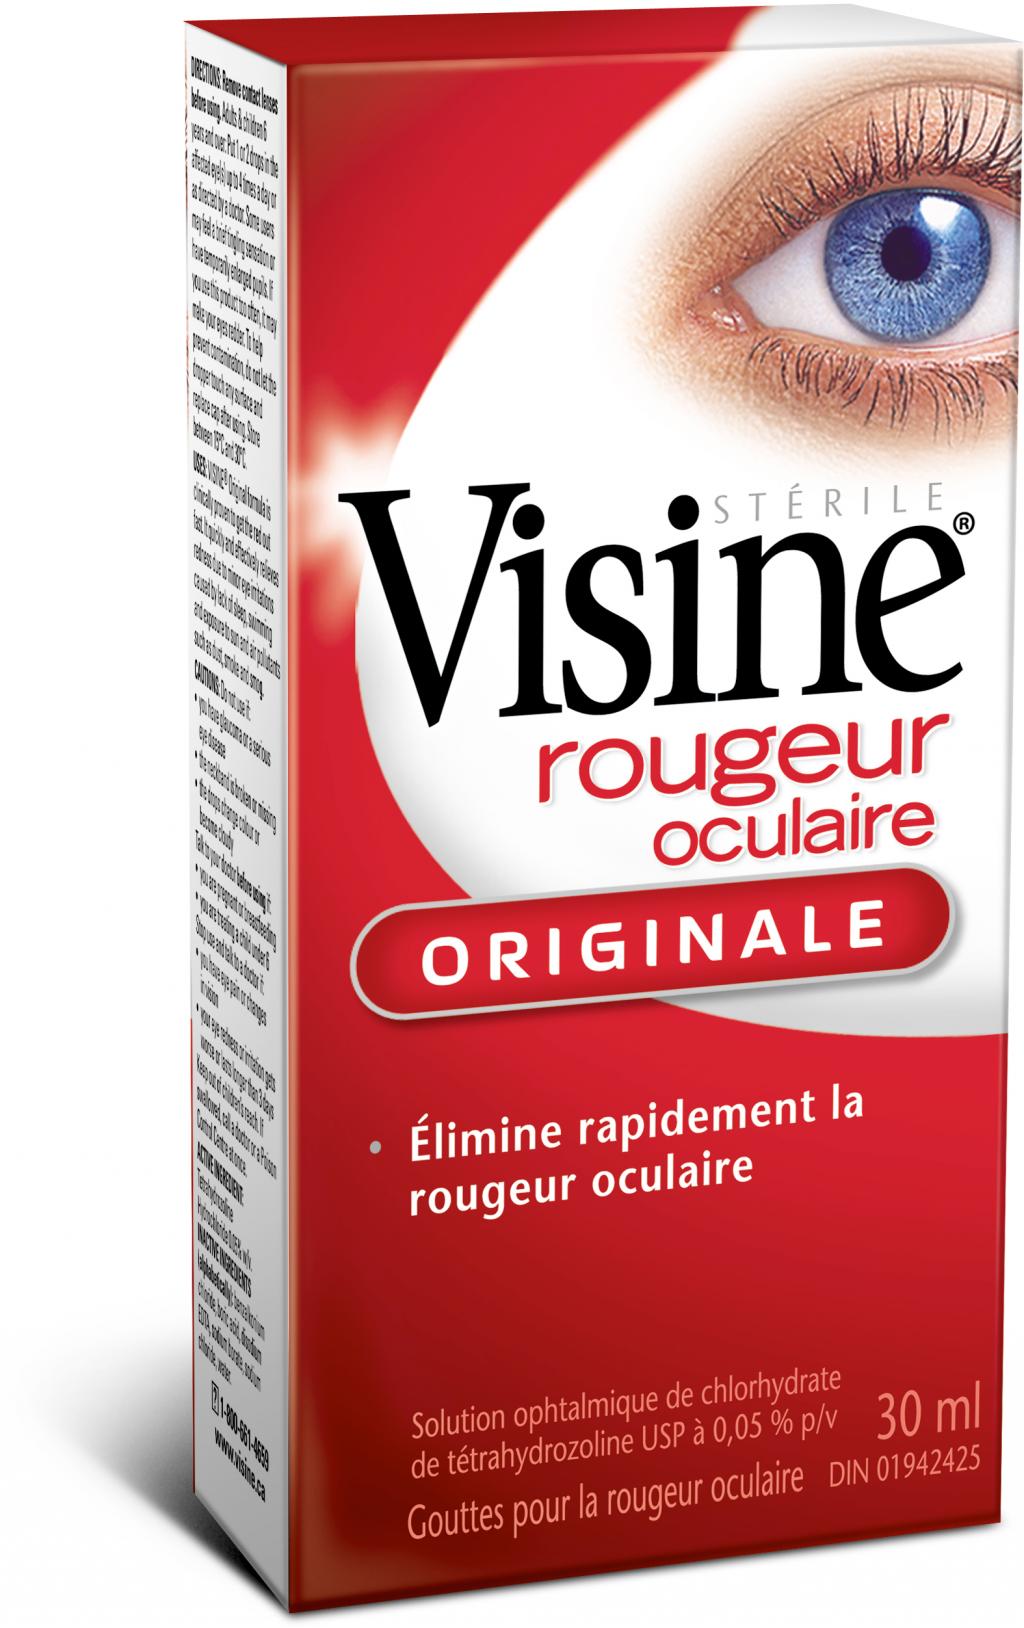 VISINE® Originale Rougeur oculaire